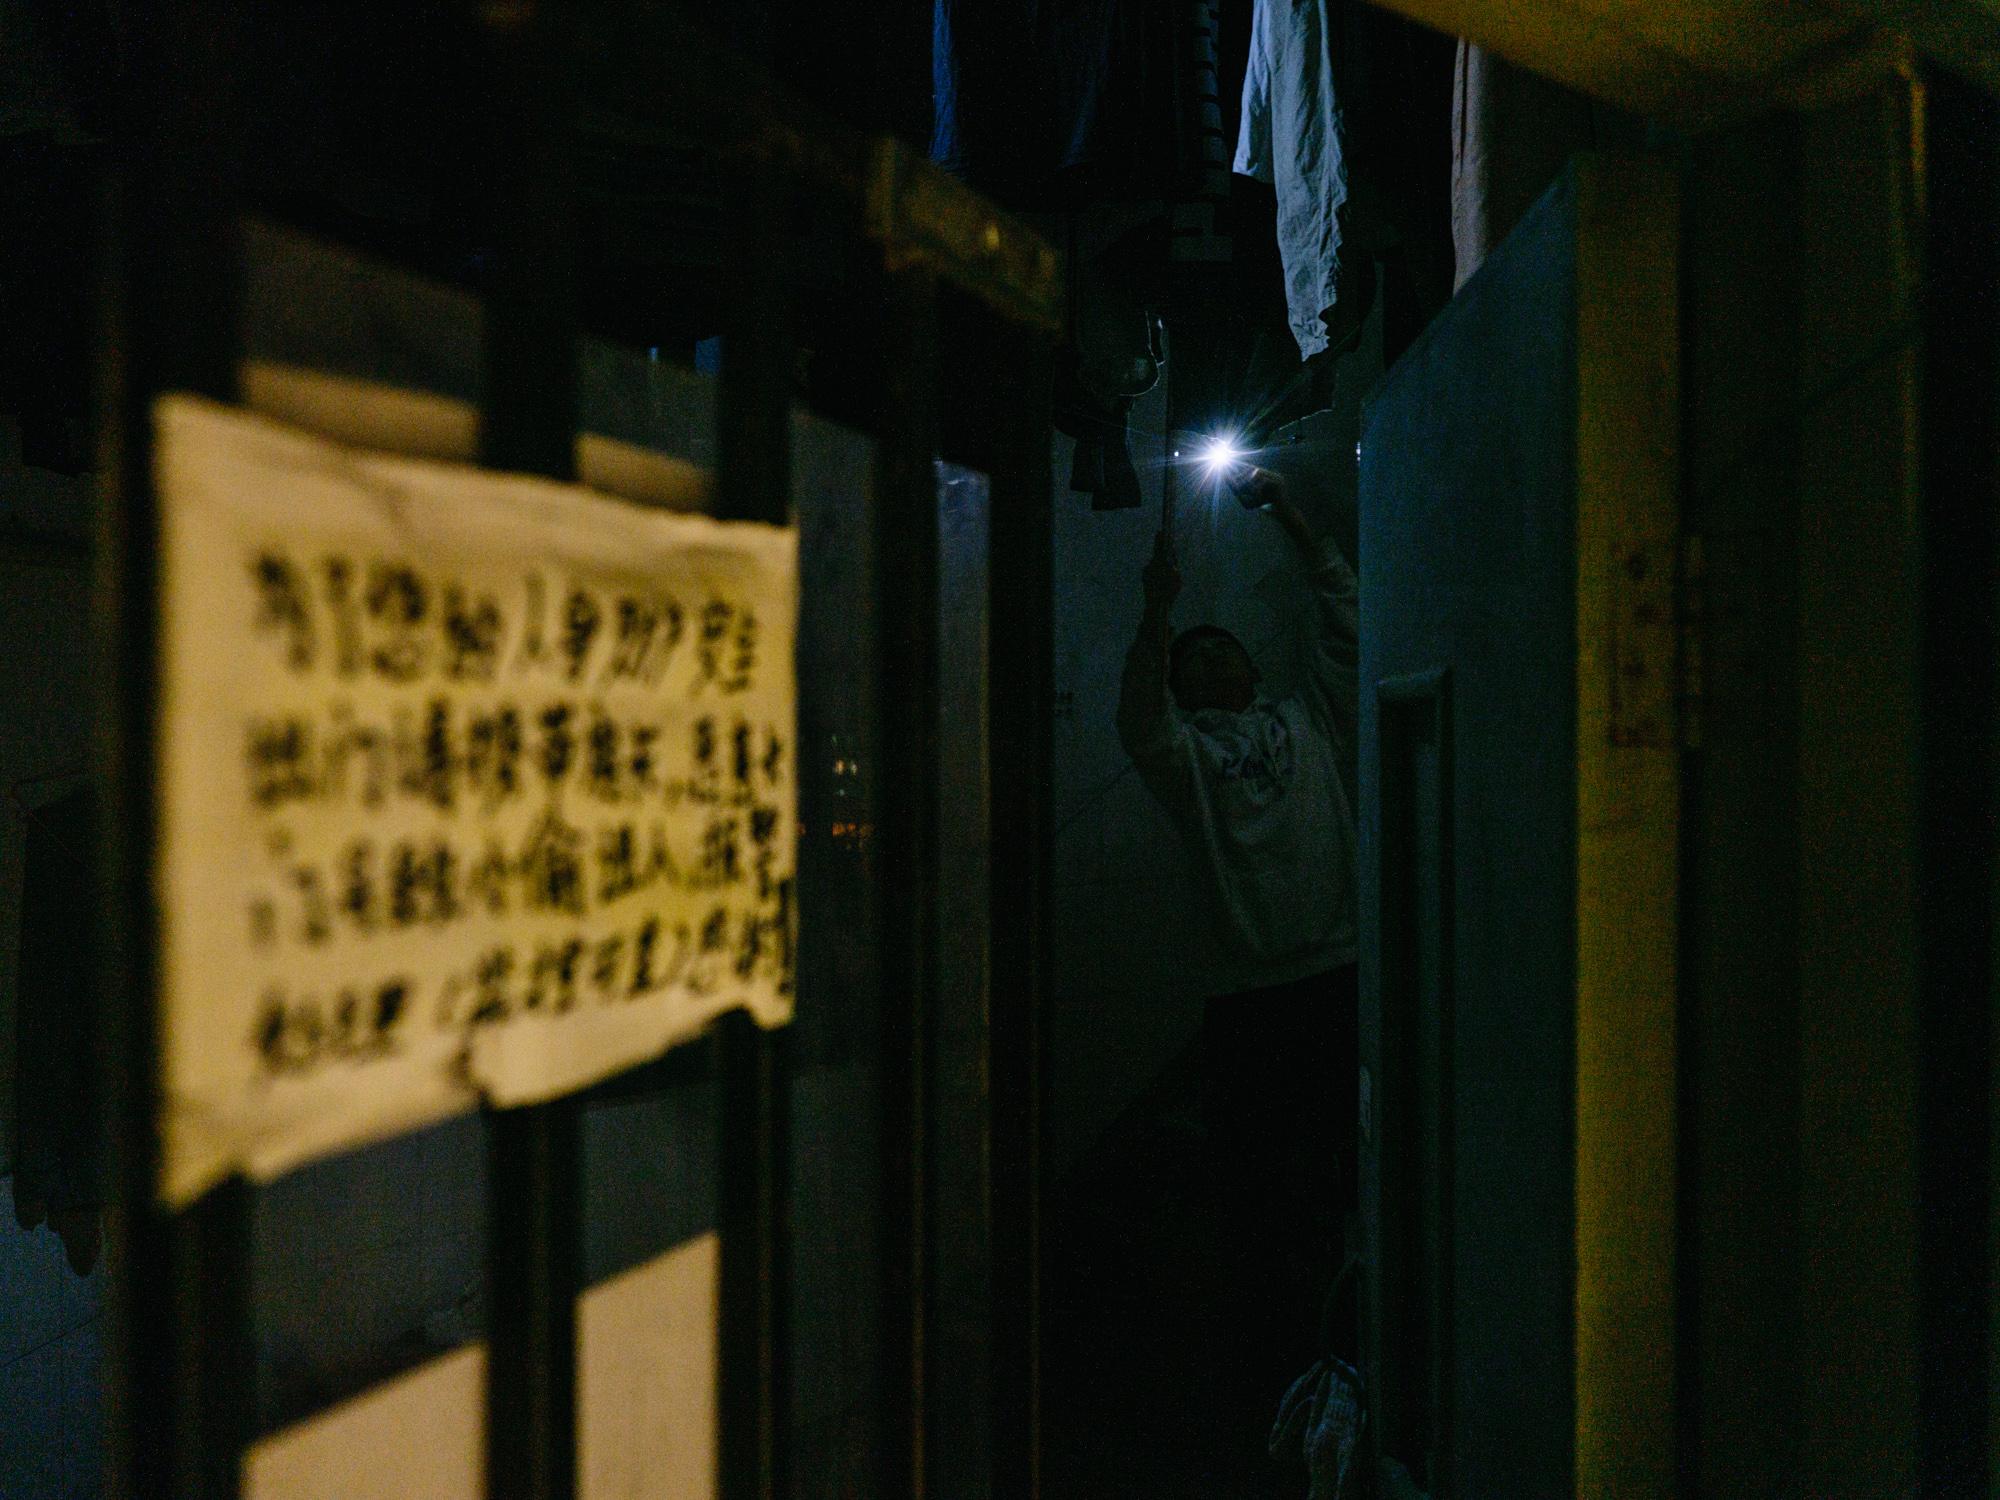 作为消防通道的楼梯是住客唯一能晒衣服的地方。衣物密不透风,不但不易干,挂取也不容易。夜里需要用手机打光仔细翻查,倘若取错再挂回去,又要大费周章。